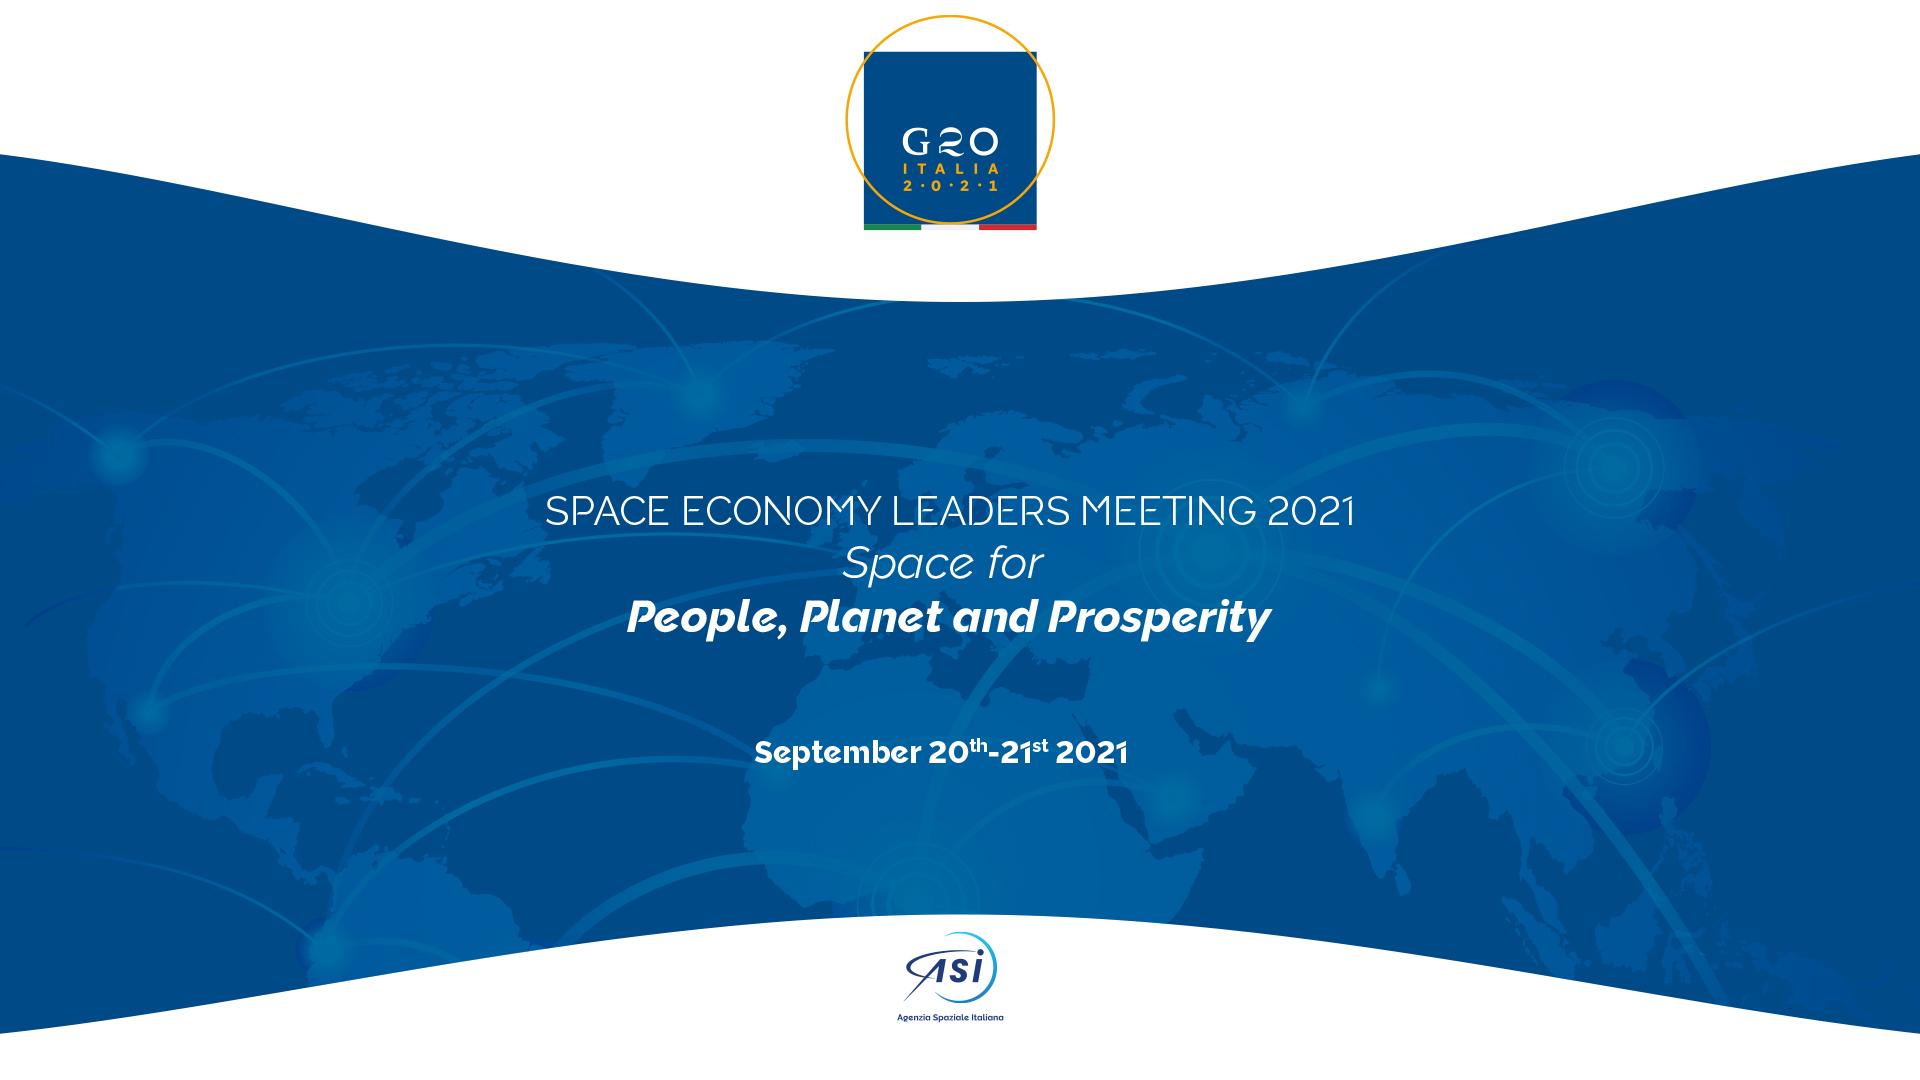 """ASI - L'Agenzia Spaziale Italiana ha aperto le porte al """"G20 Space Economy leaders meeting"""""""